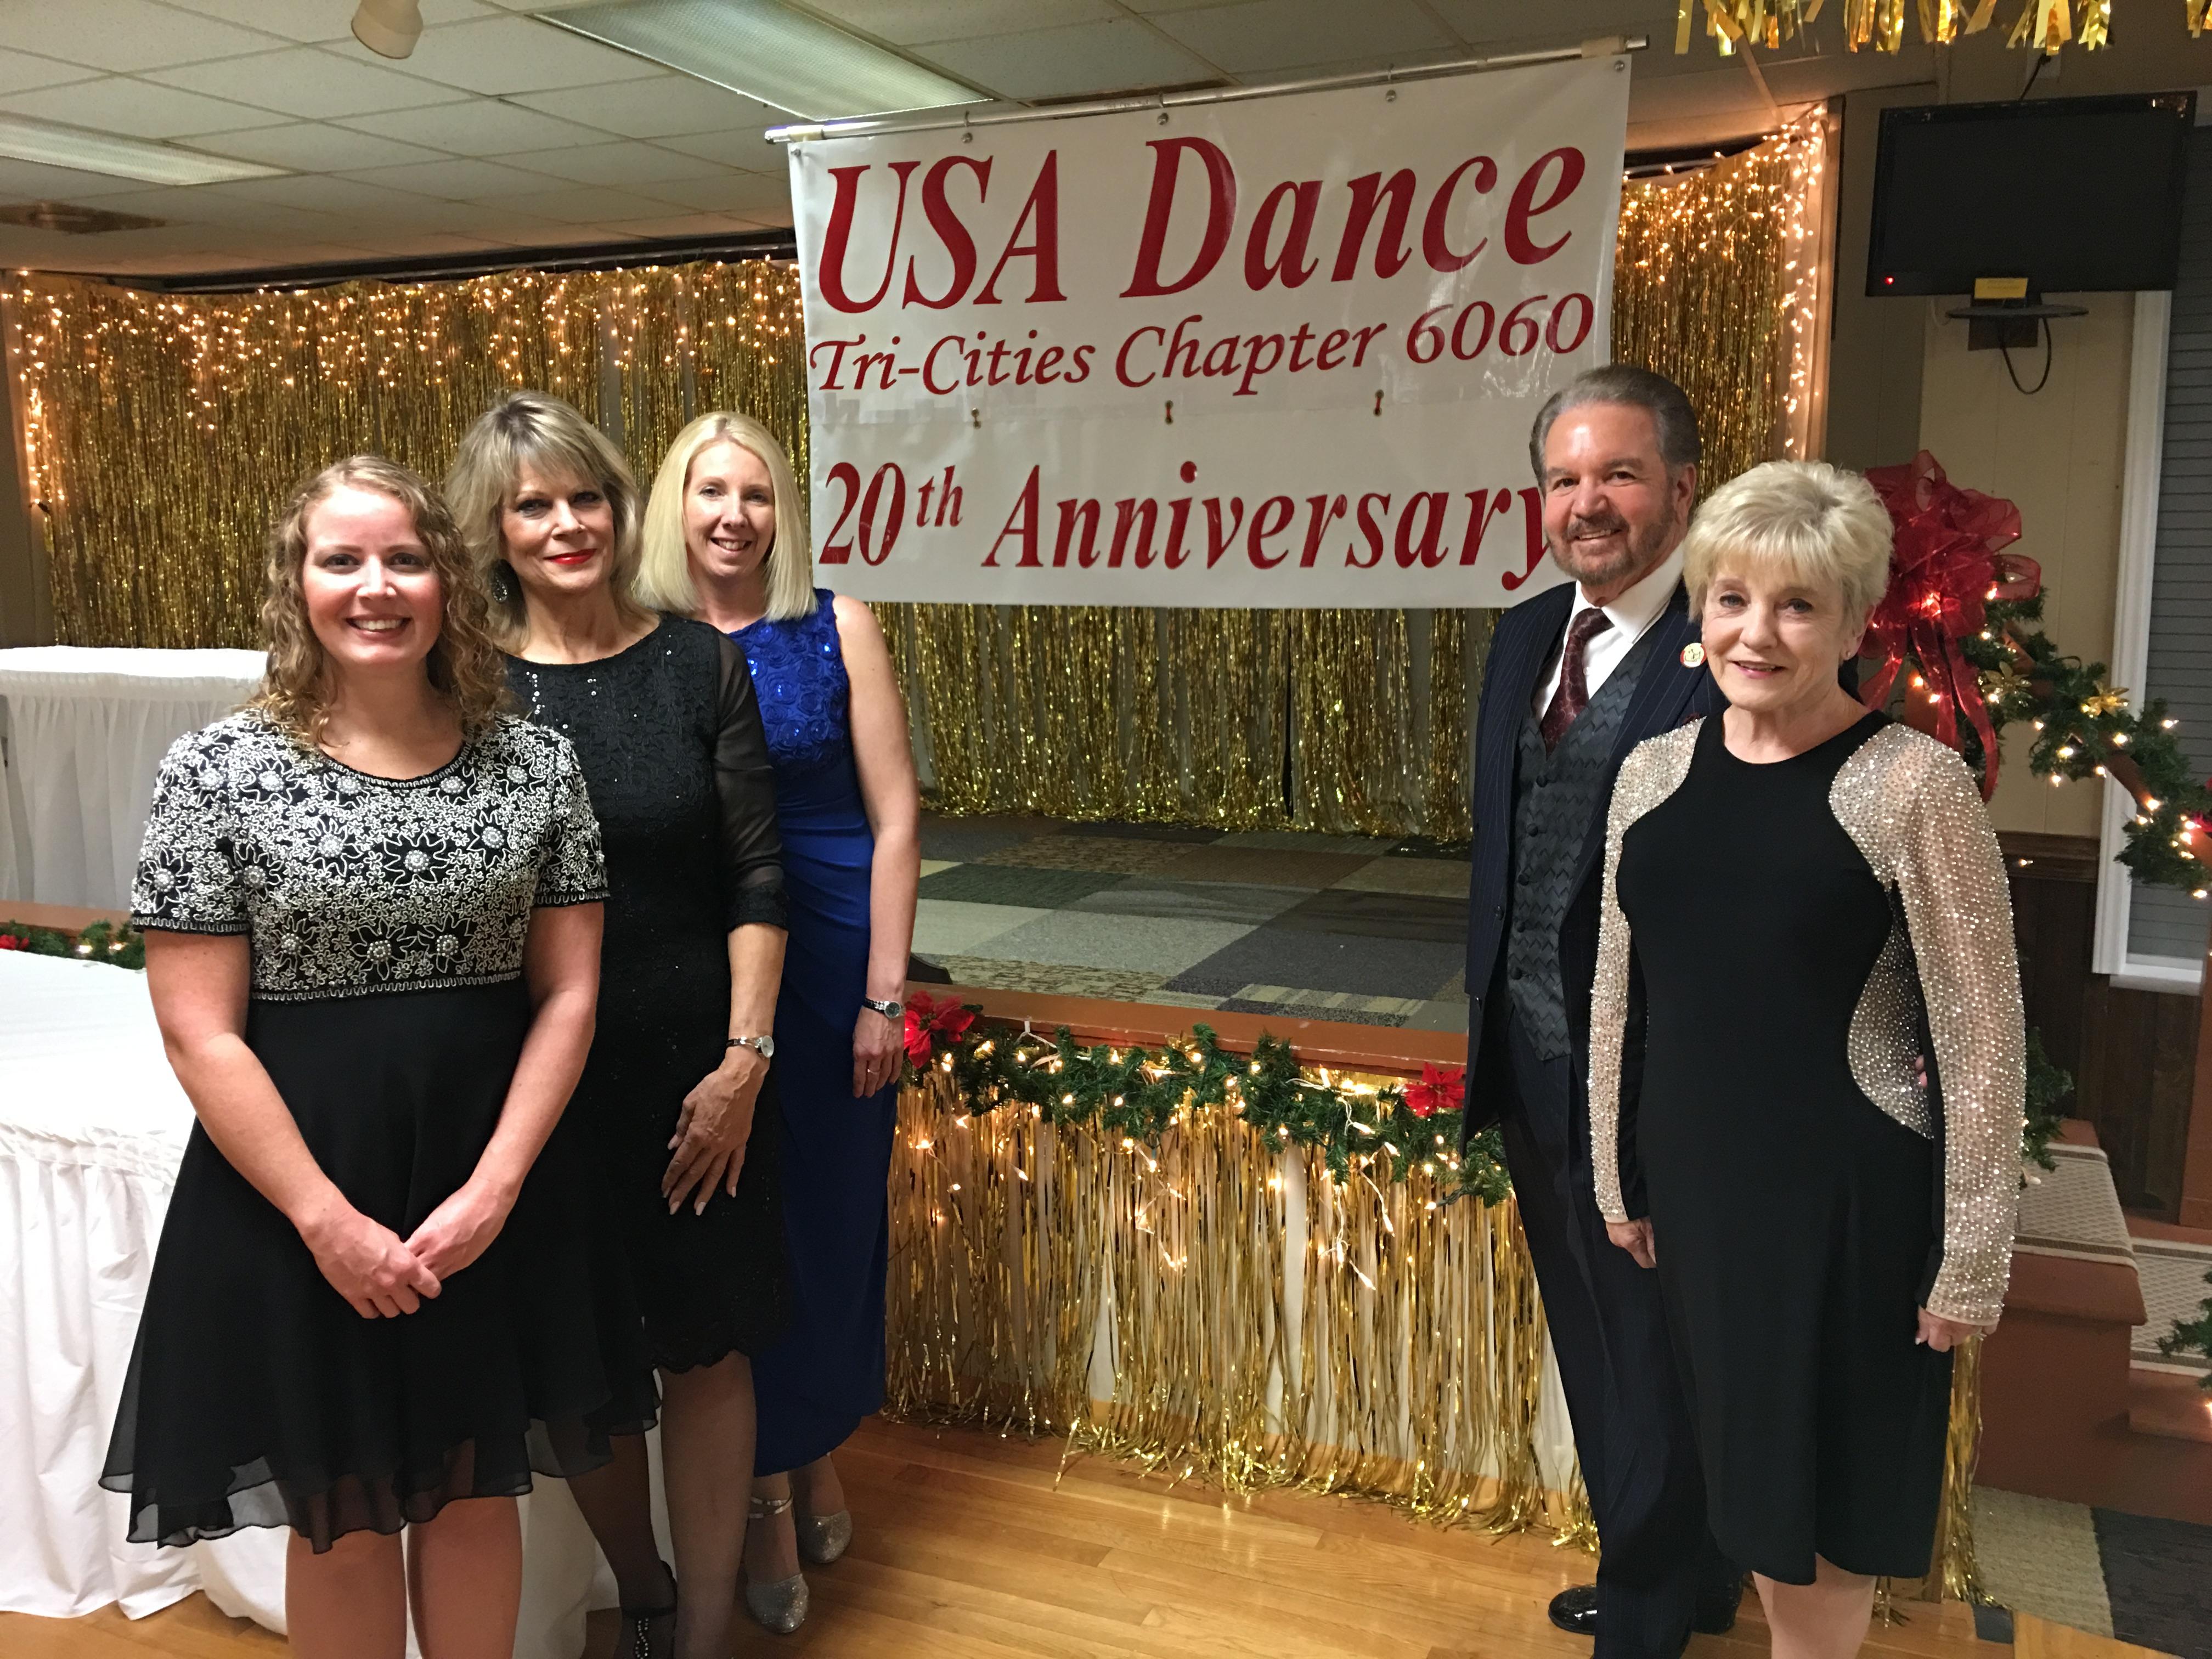 20th Anniversary Dance